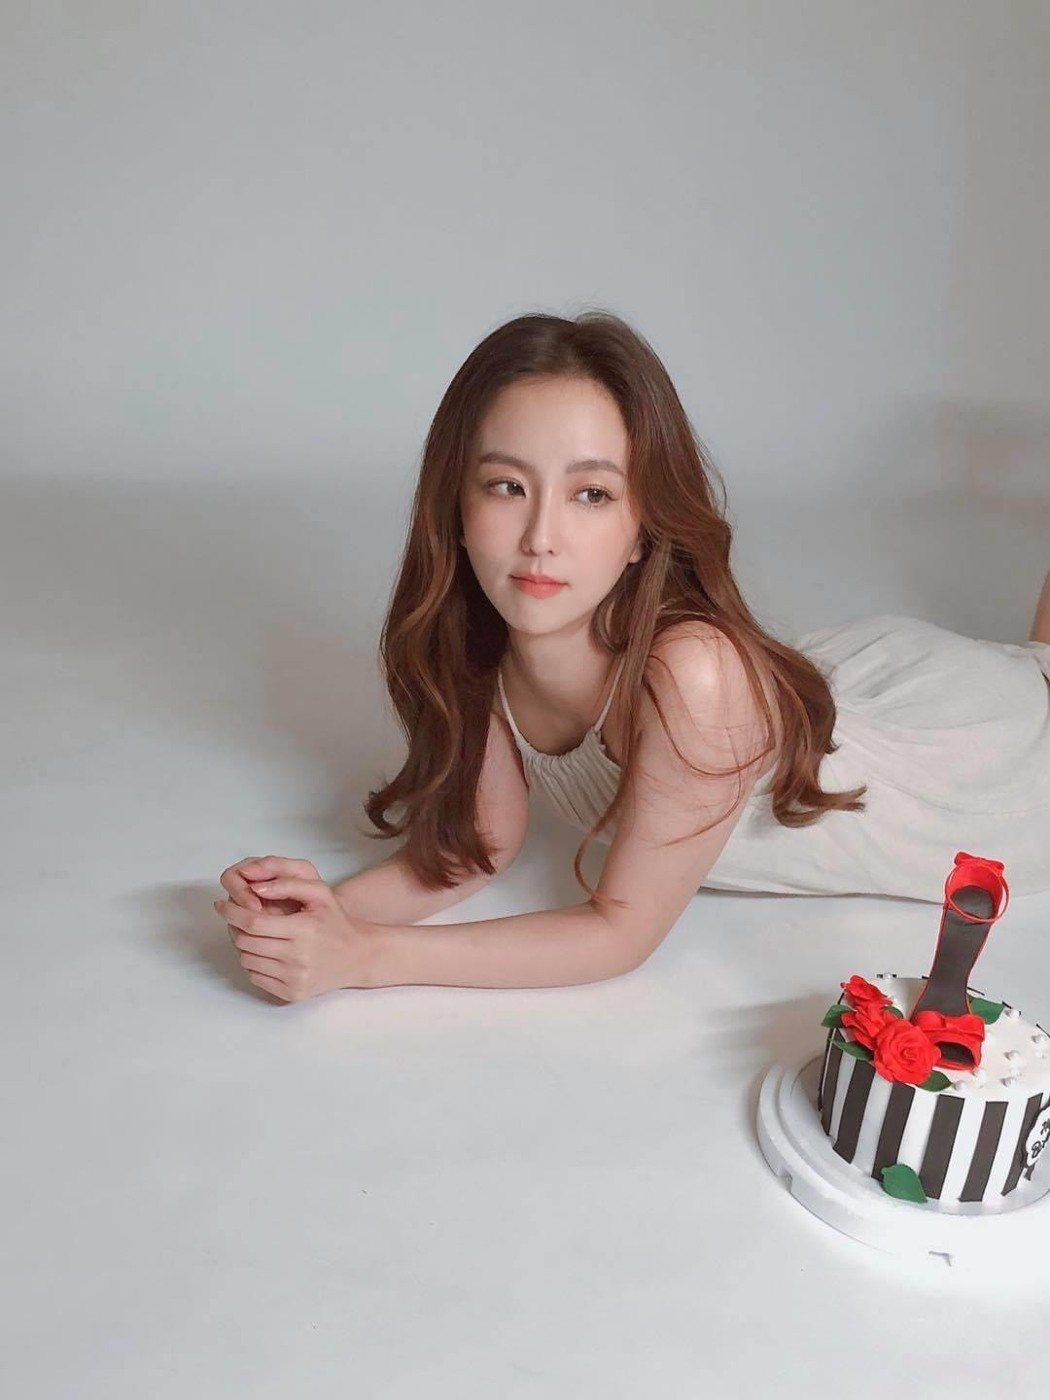 周曉涵開心提前過生日。圖/摘自臉書